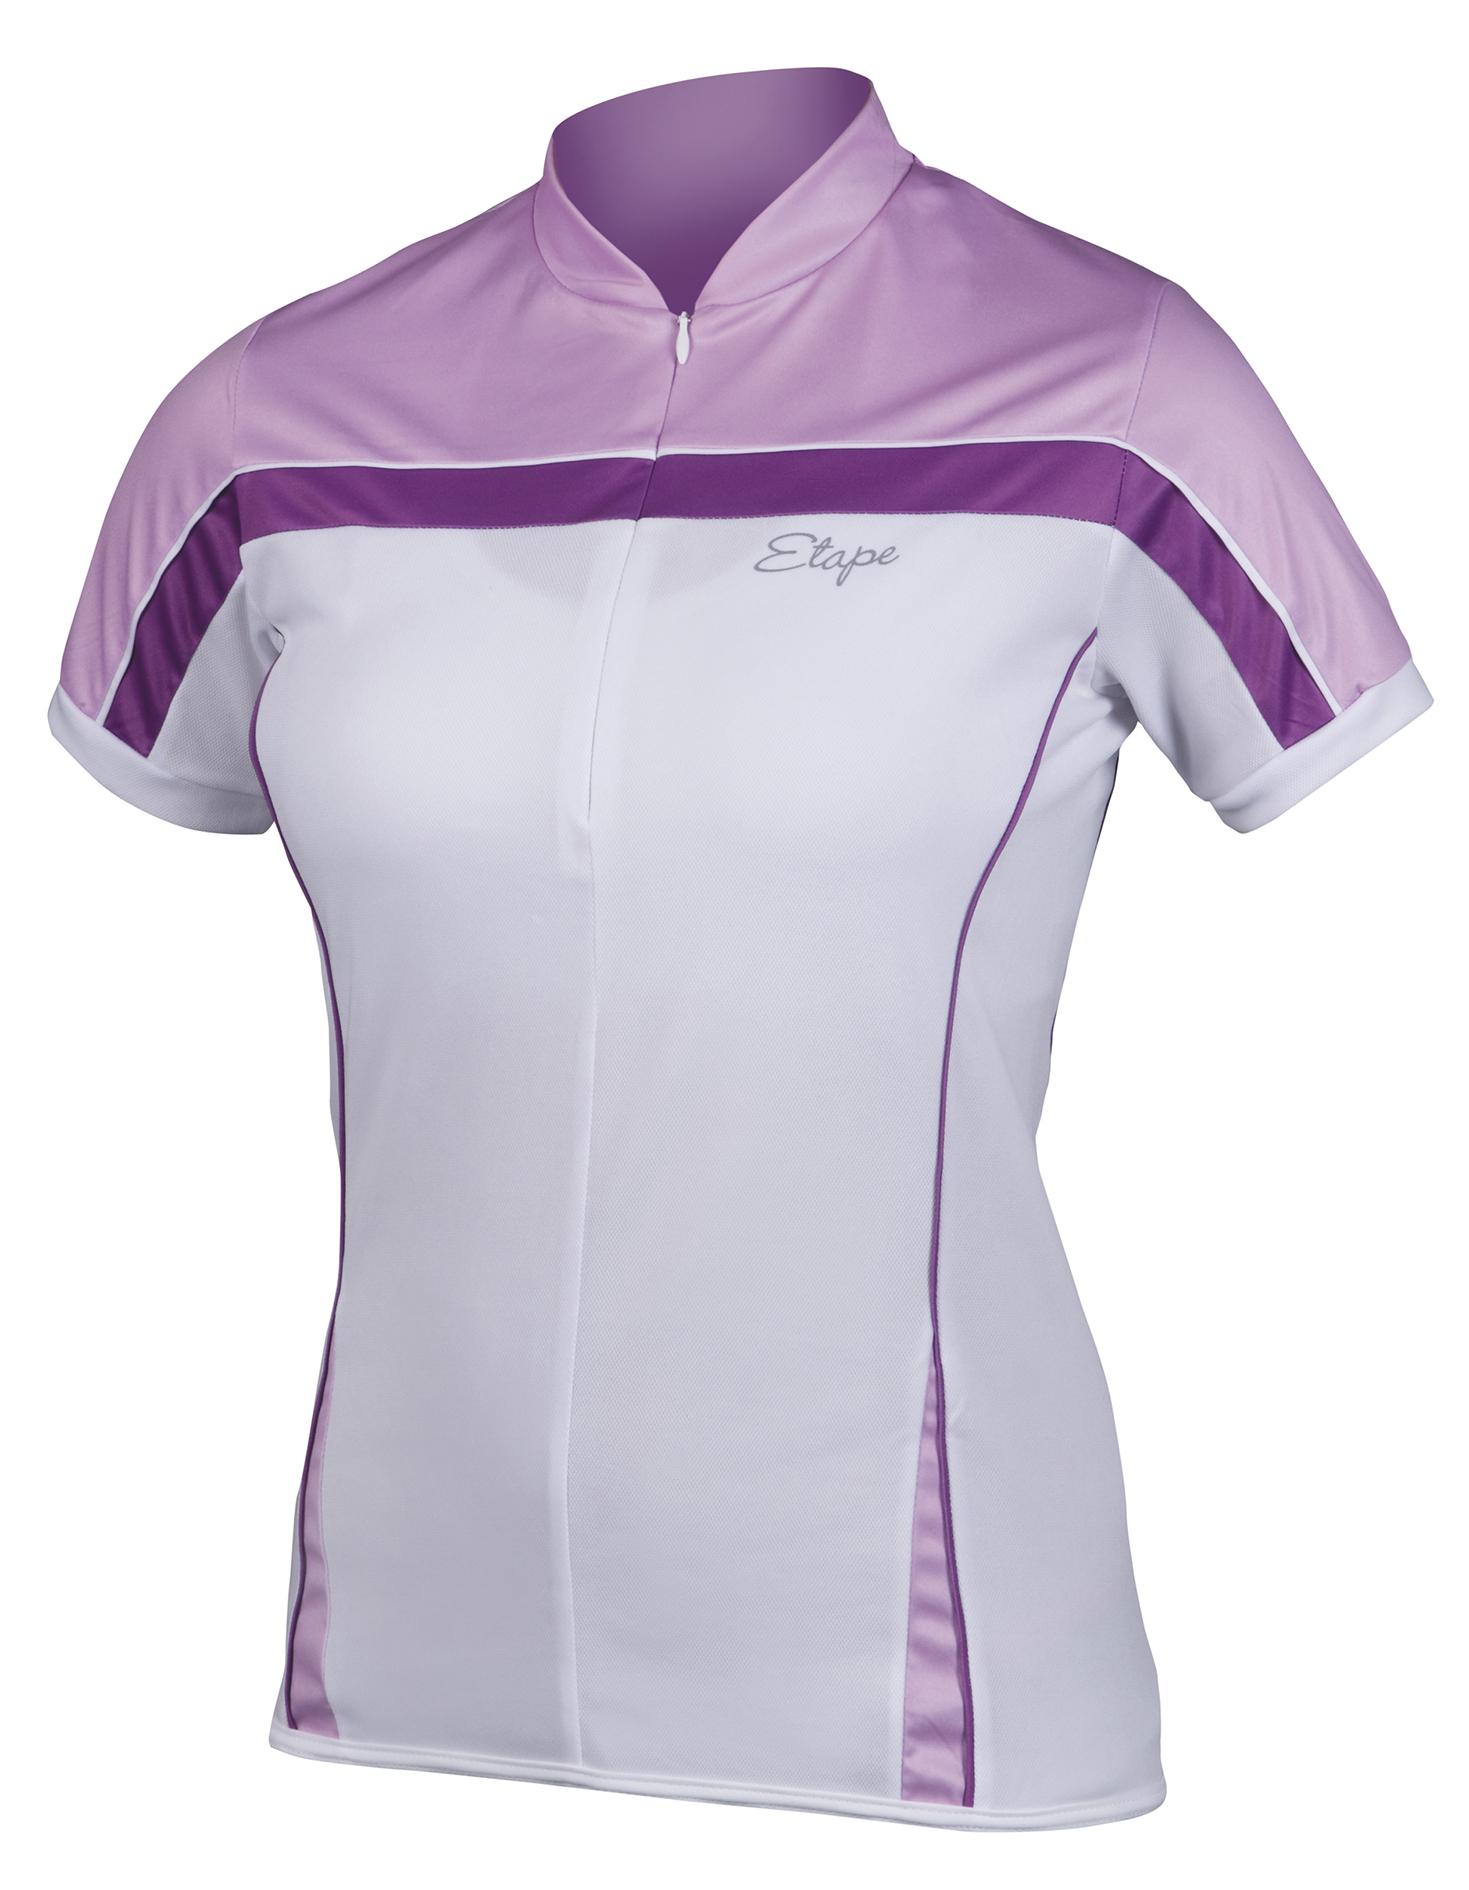 Dámský cyklistický dres ETAPE Roxy, vel. M, bílá/fialová, model 2017 (Dámský dres Etape, přední skrytý zip, bez rukávů)